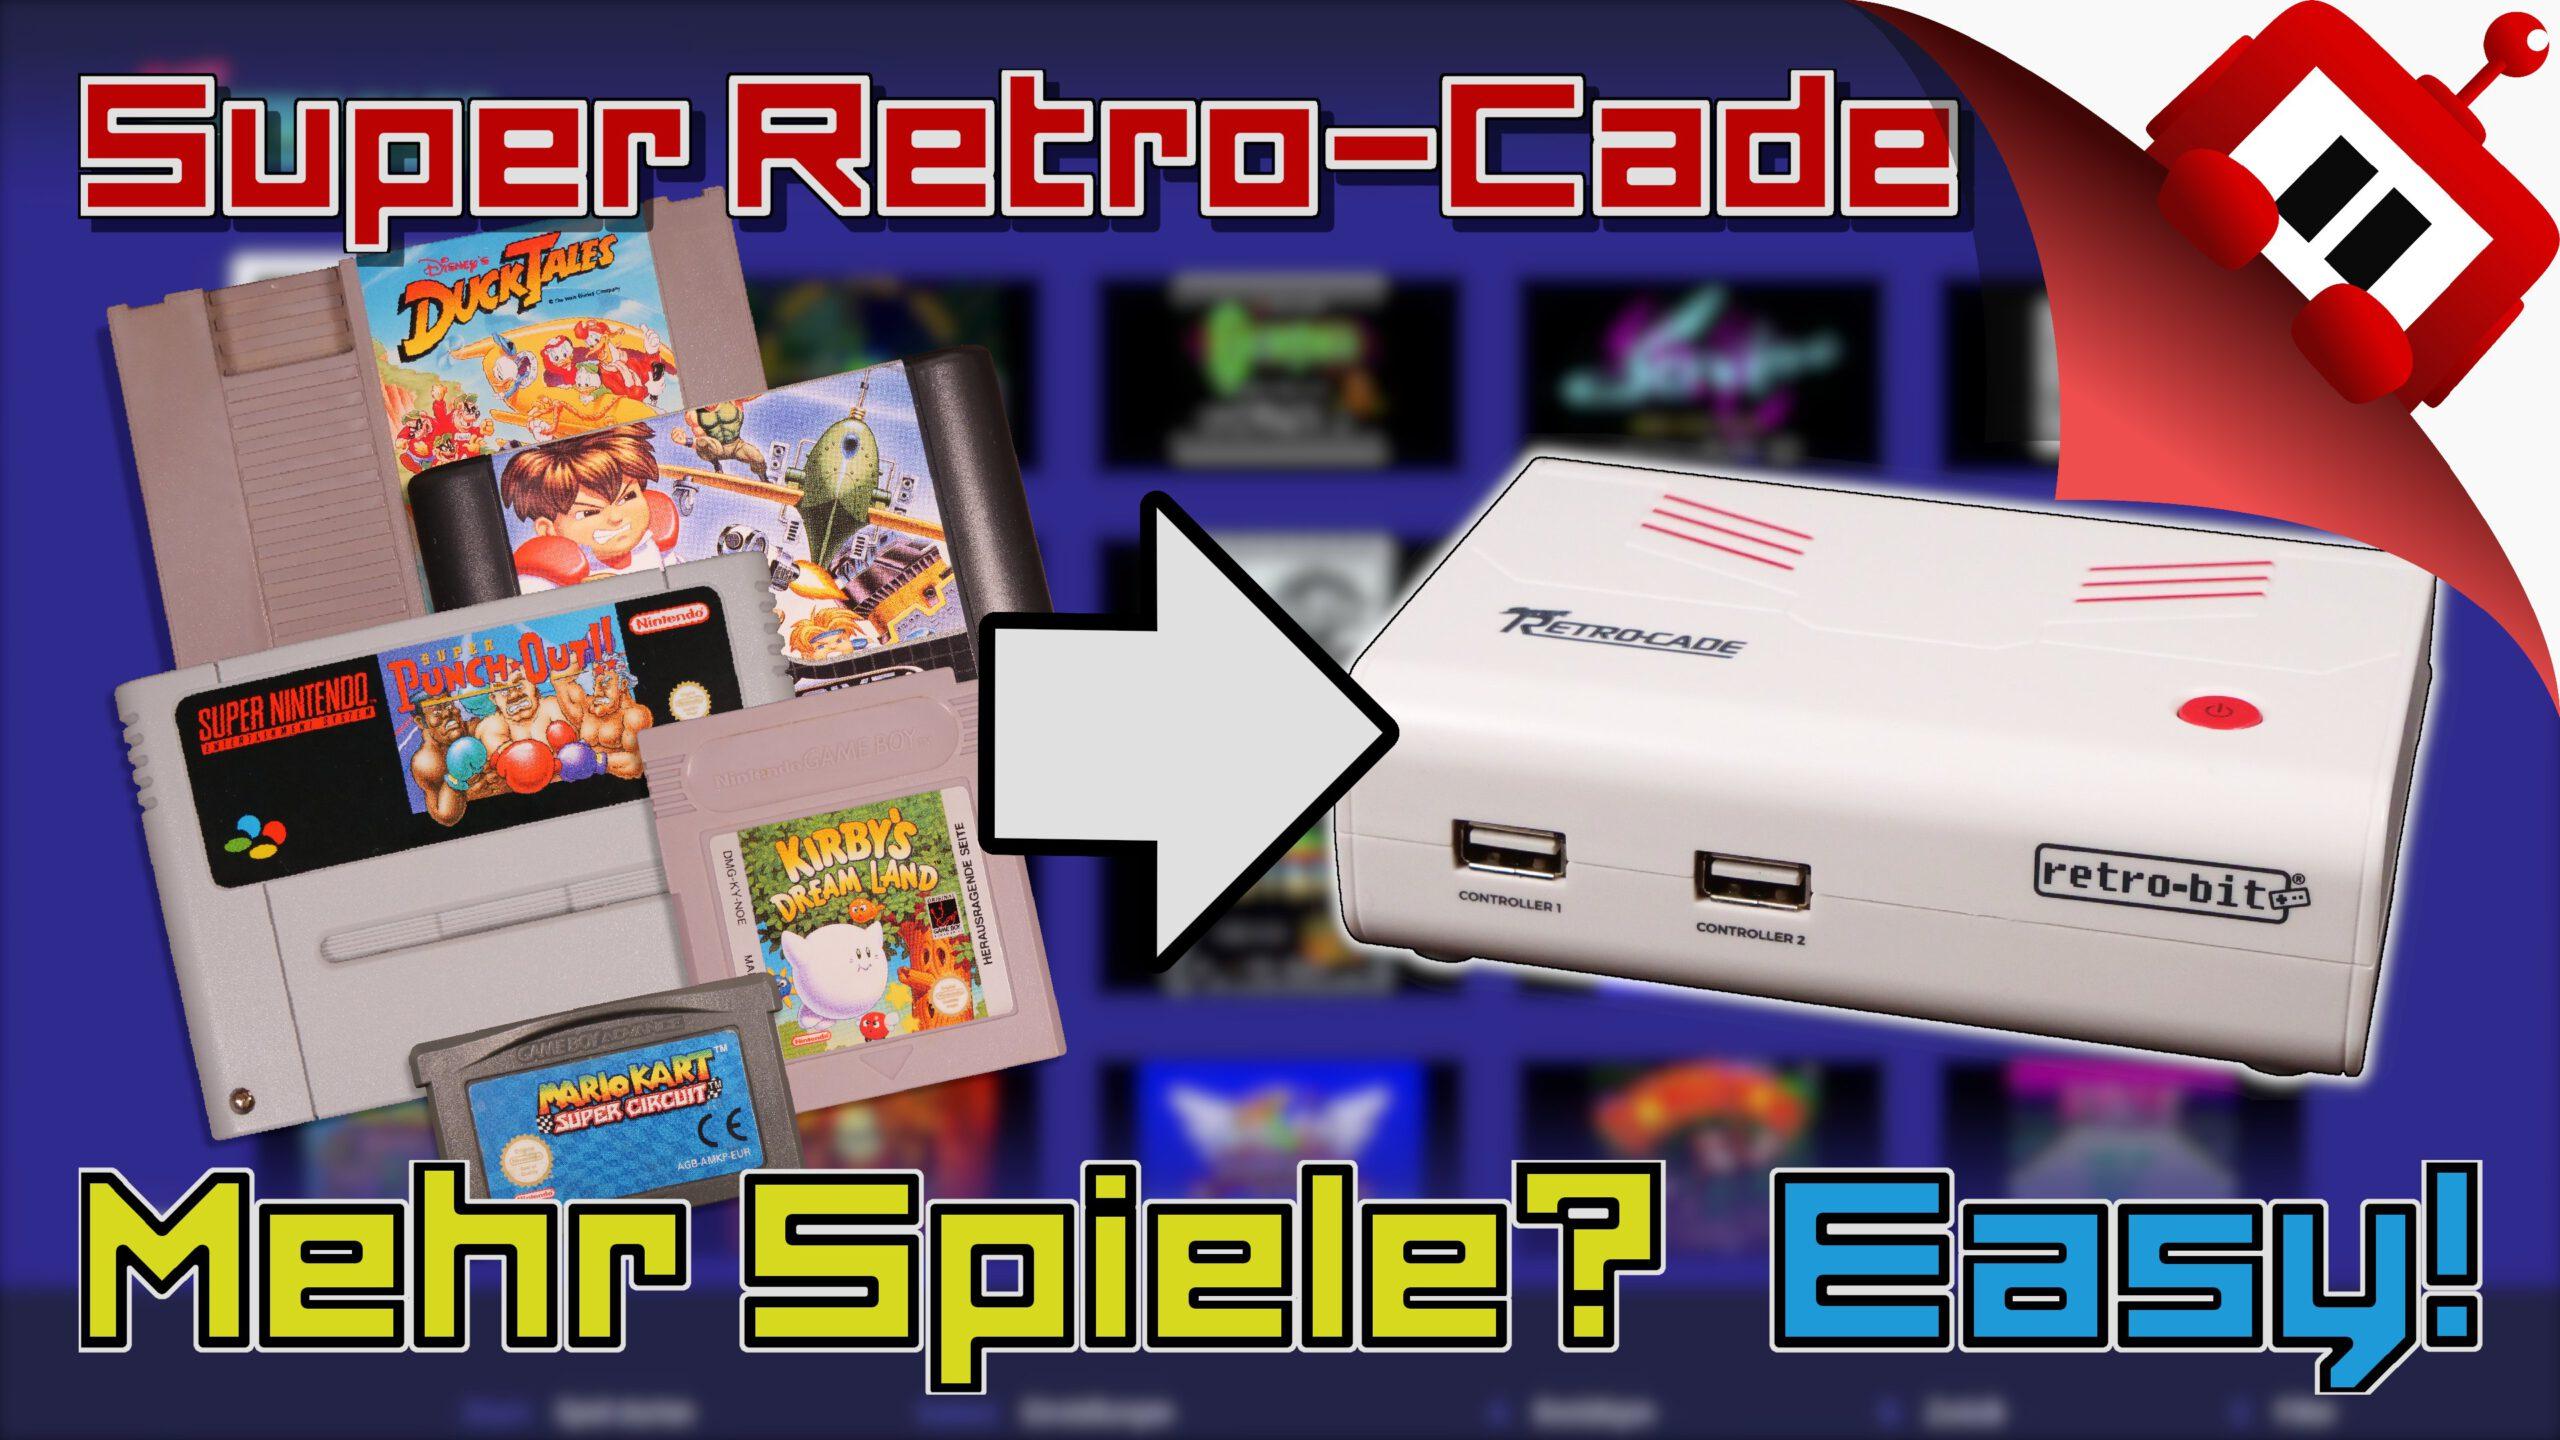 Super Retro-Cade Emulation